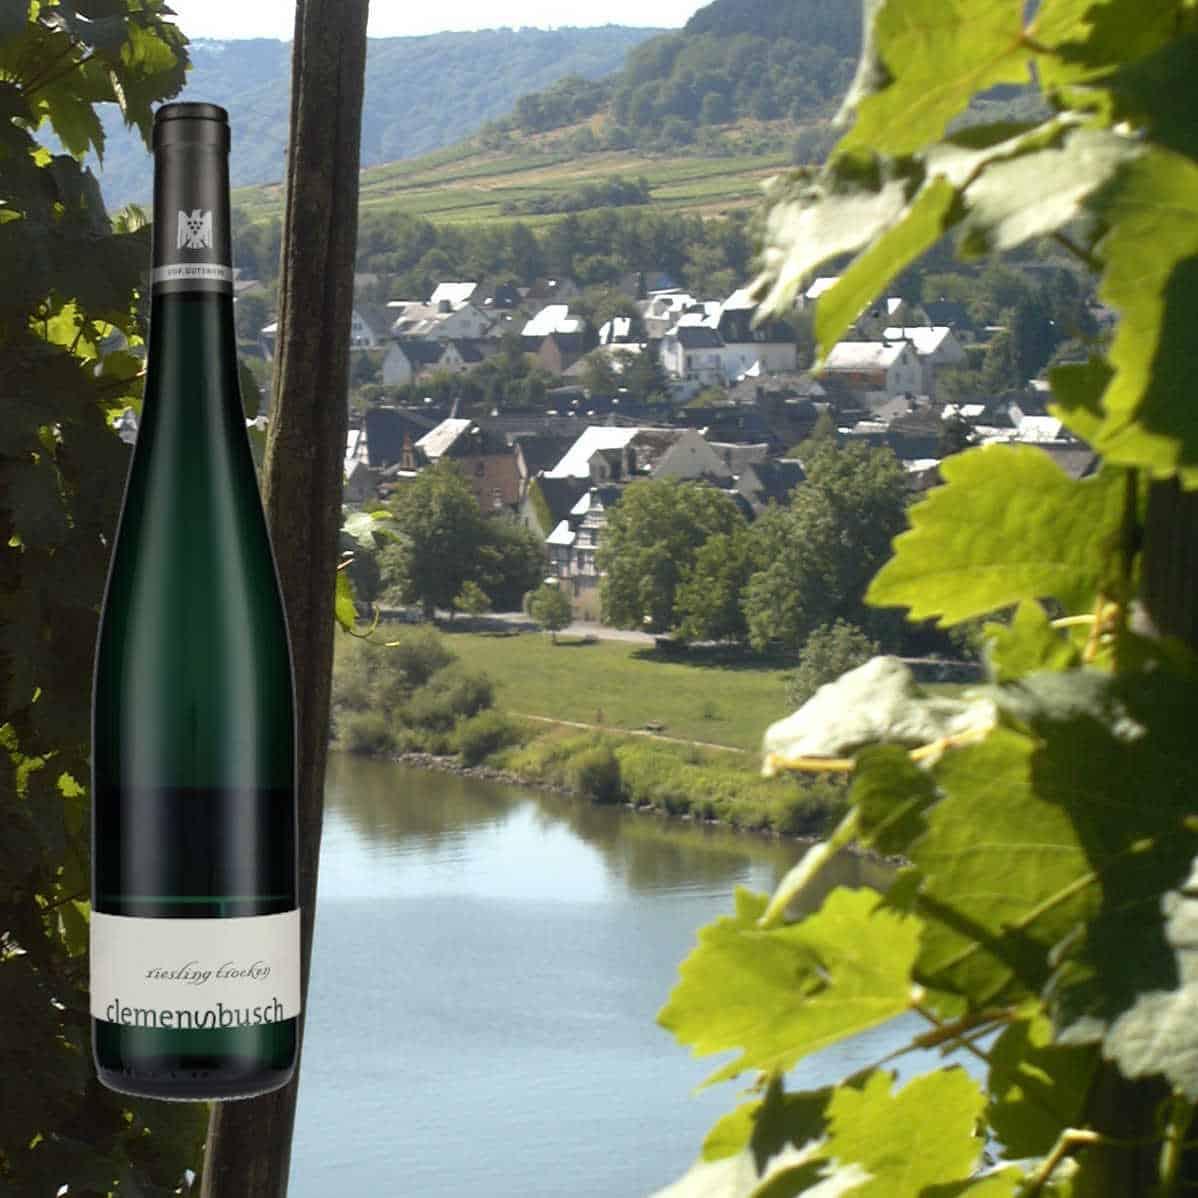 Weingut Clemens Busch